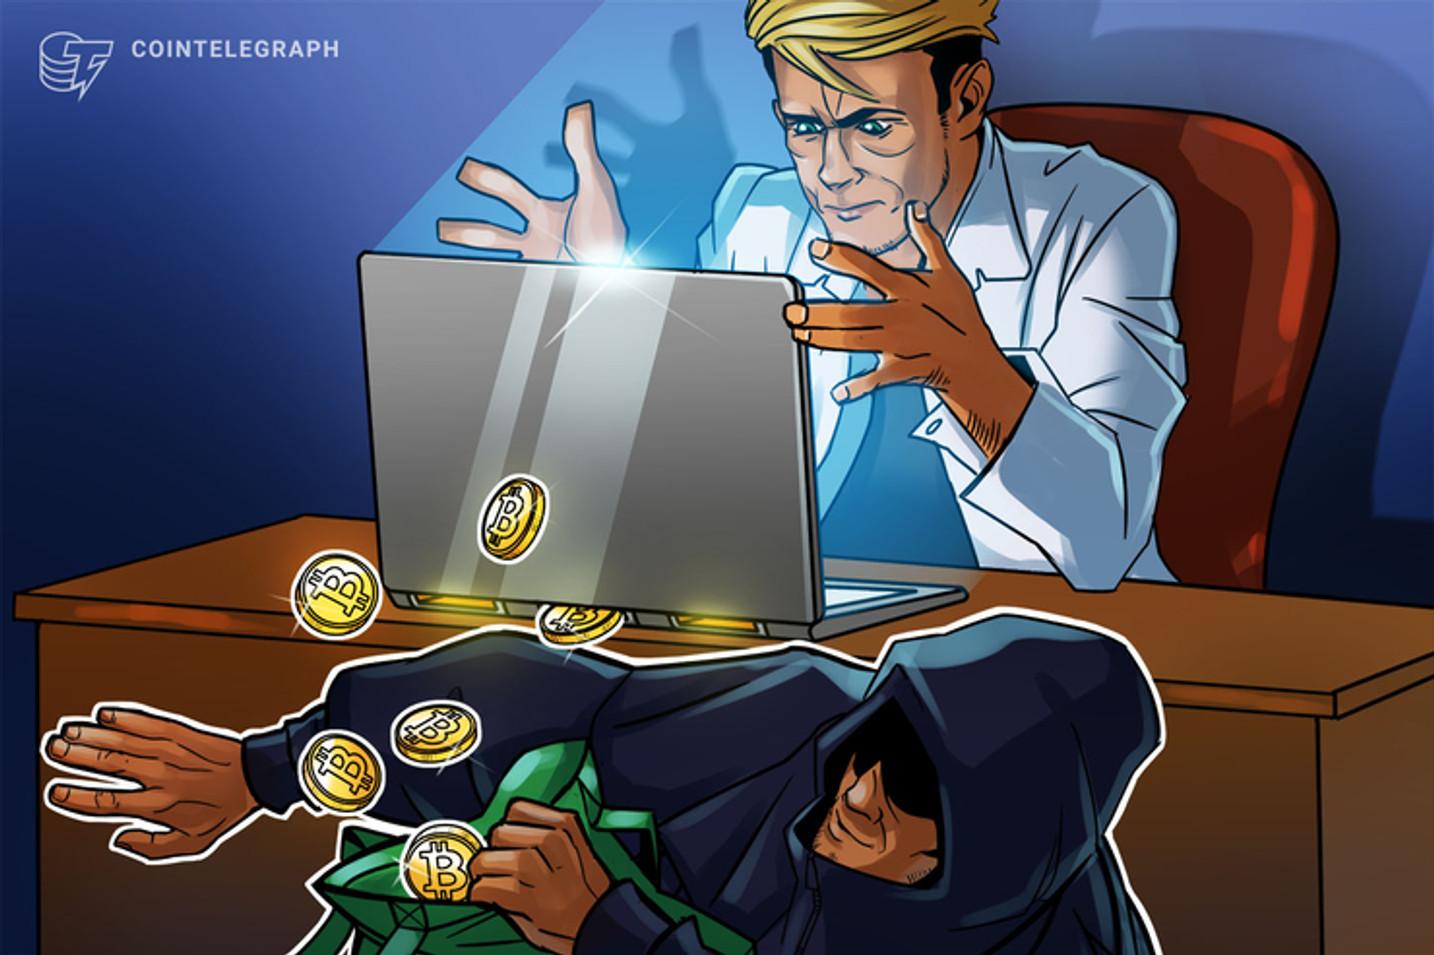 Em matéria paga na 'Exame', empresário diz ser especialista em criptomoedas e oferece serviços de empresa banida do Brasil